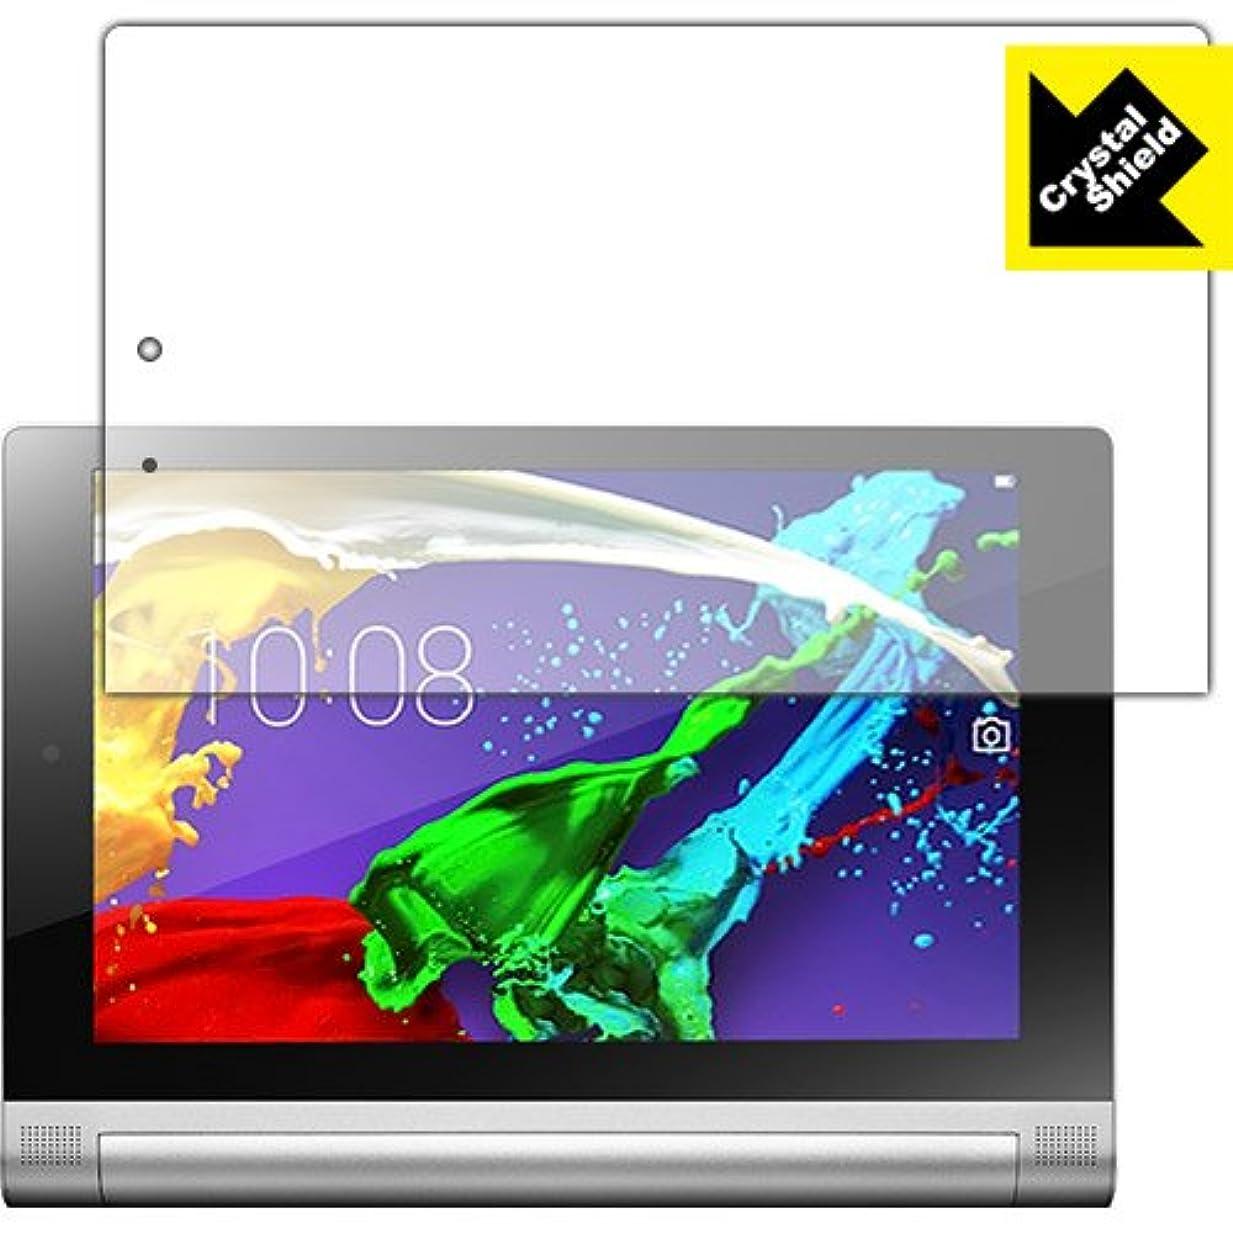 励起暖かくカスタム防気泡 防指紋 光沢保護フィルム Crystal Shield YOGA Tablet 2-8 日本製